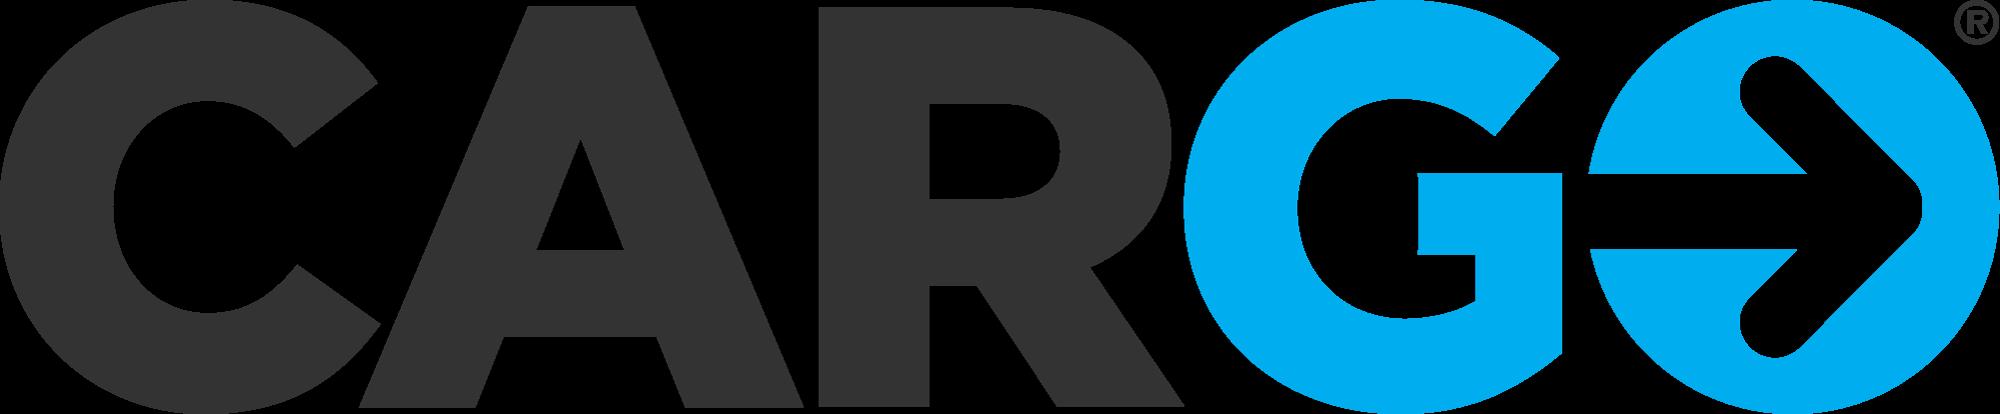 RideGuru - Rideshare Auto Insurance Information 2019